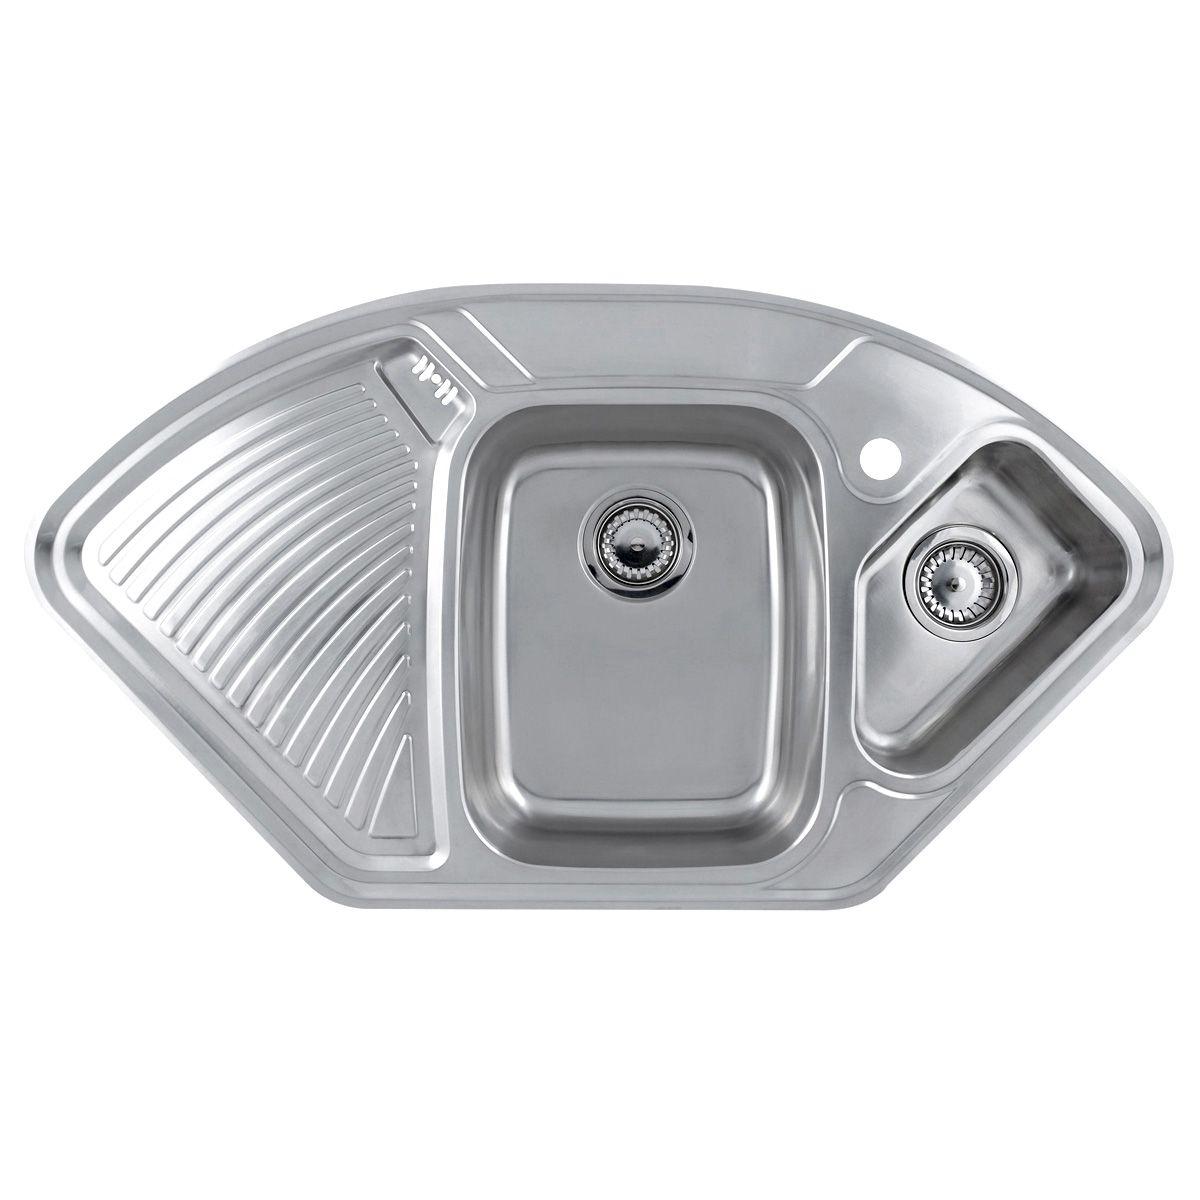 corner sinks corner kitchen sinks LAUSANNE 1 5 Bowl Stainless Steel Corner Kitchen Sink